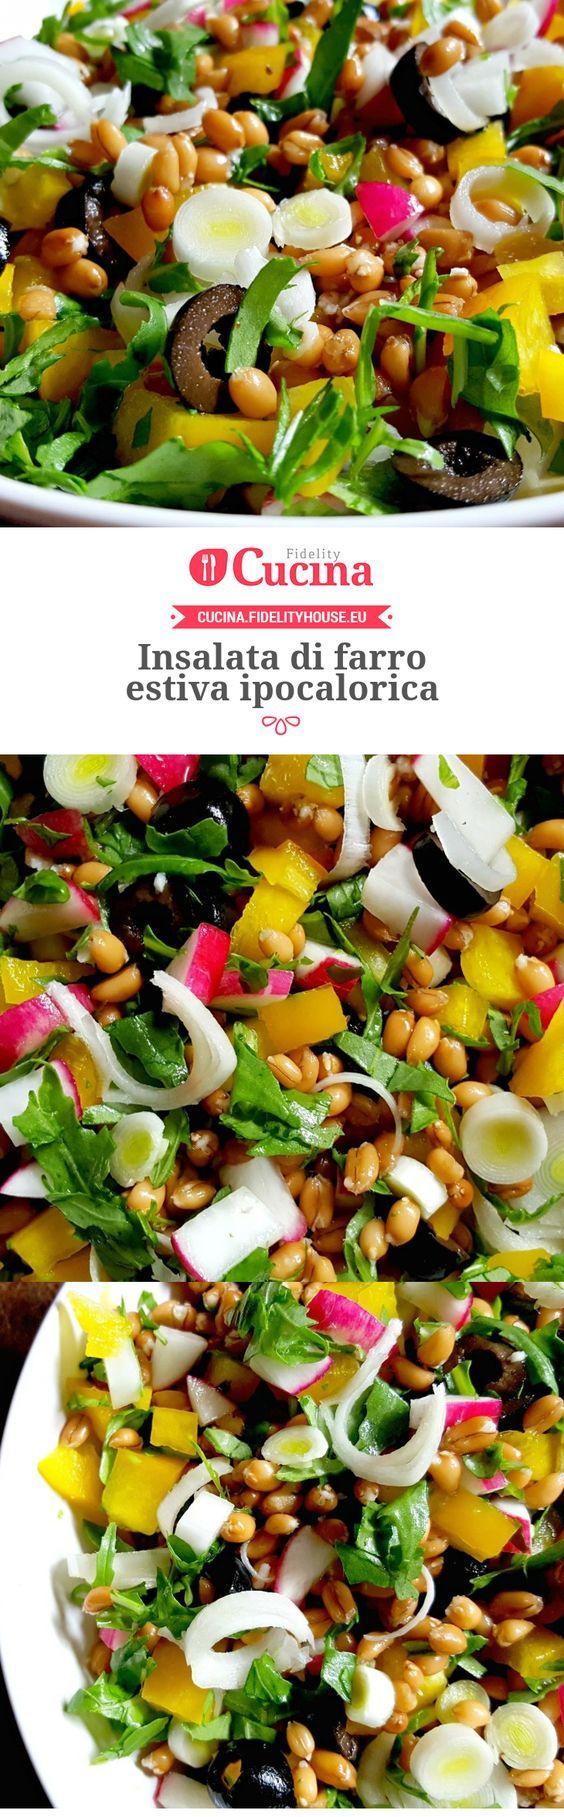 #Insalata di #farro estiva ipocalorica della nostra utente Monica. Unisciti alla nostra Community ed invia le tue ricette!